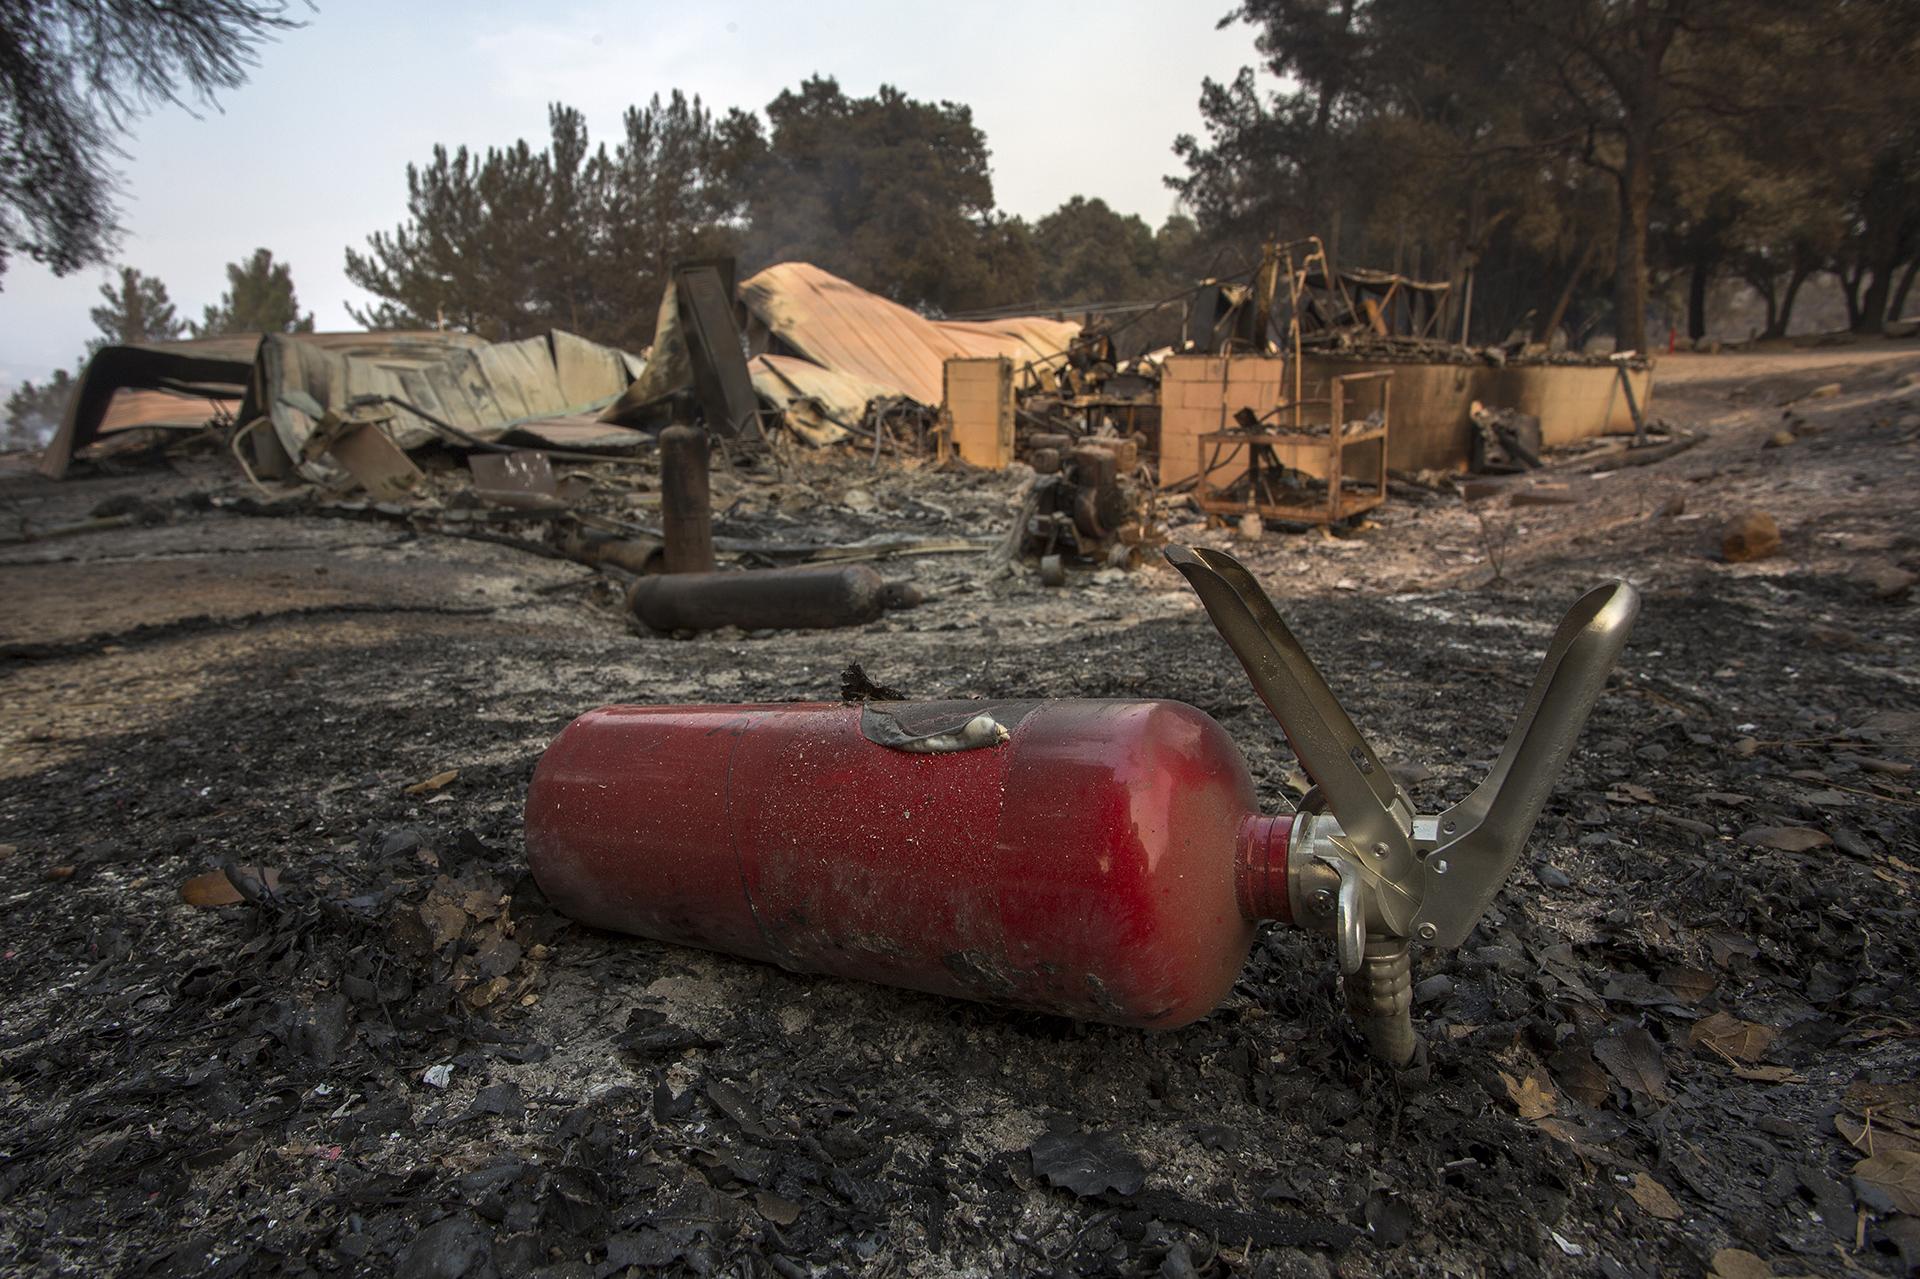 El Rancho Alegre, de los Boy Scouts, quedó reducido a cenizas, cerca de Santa Barbara